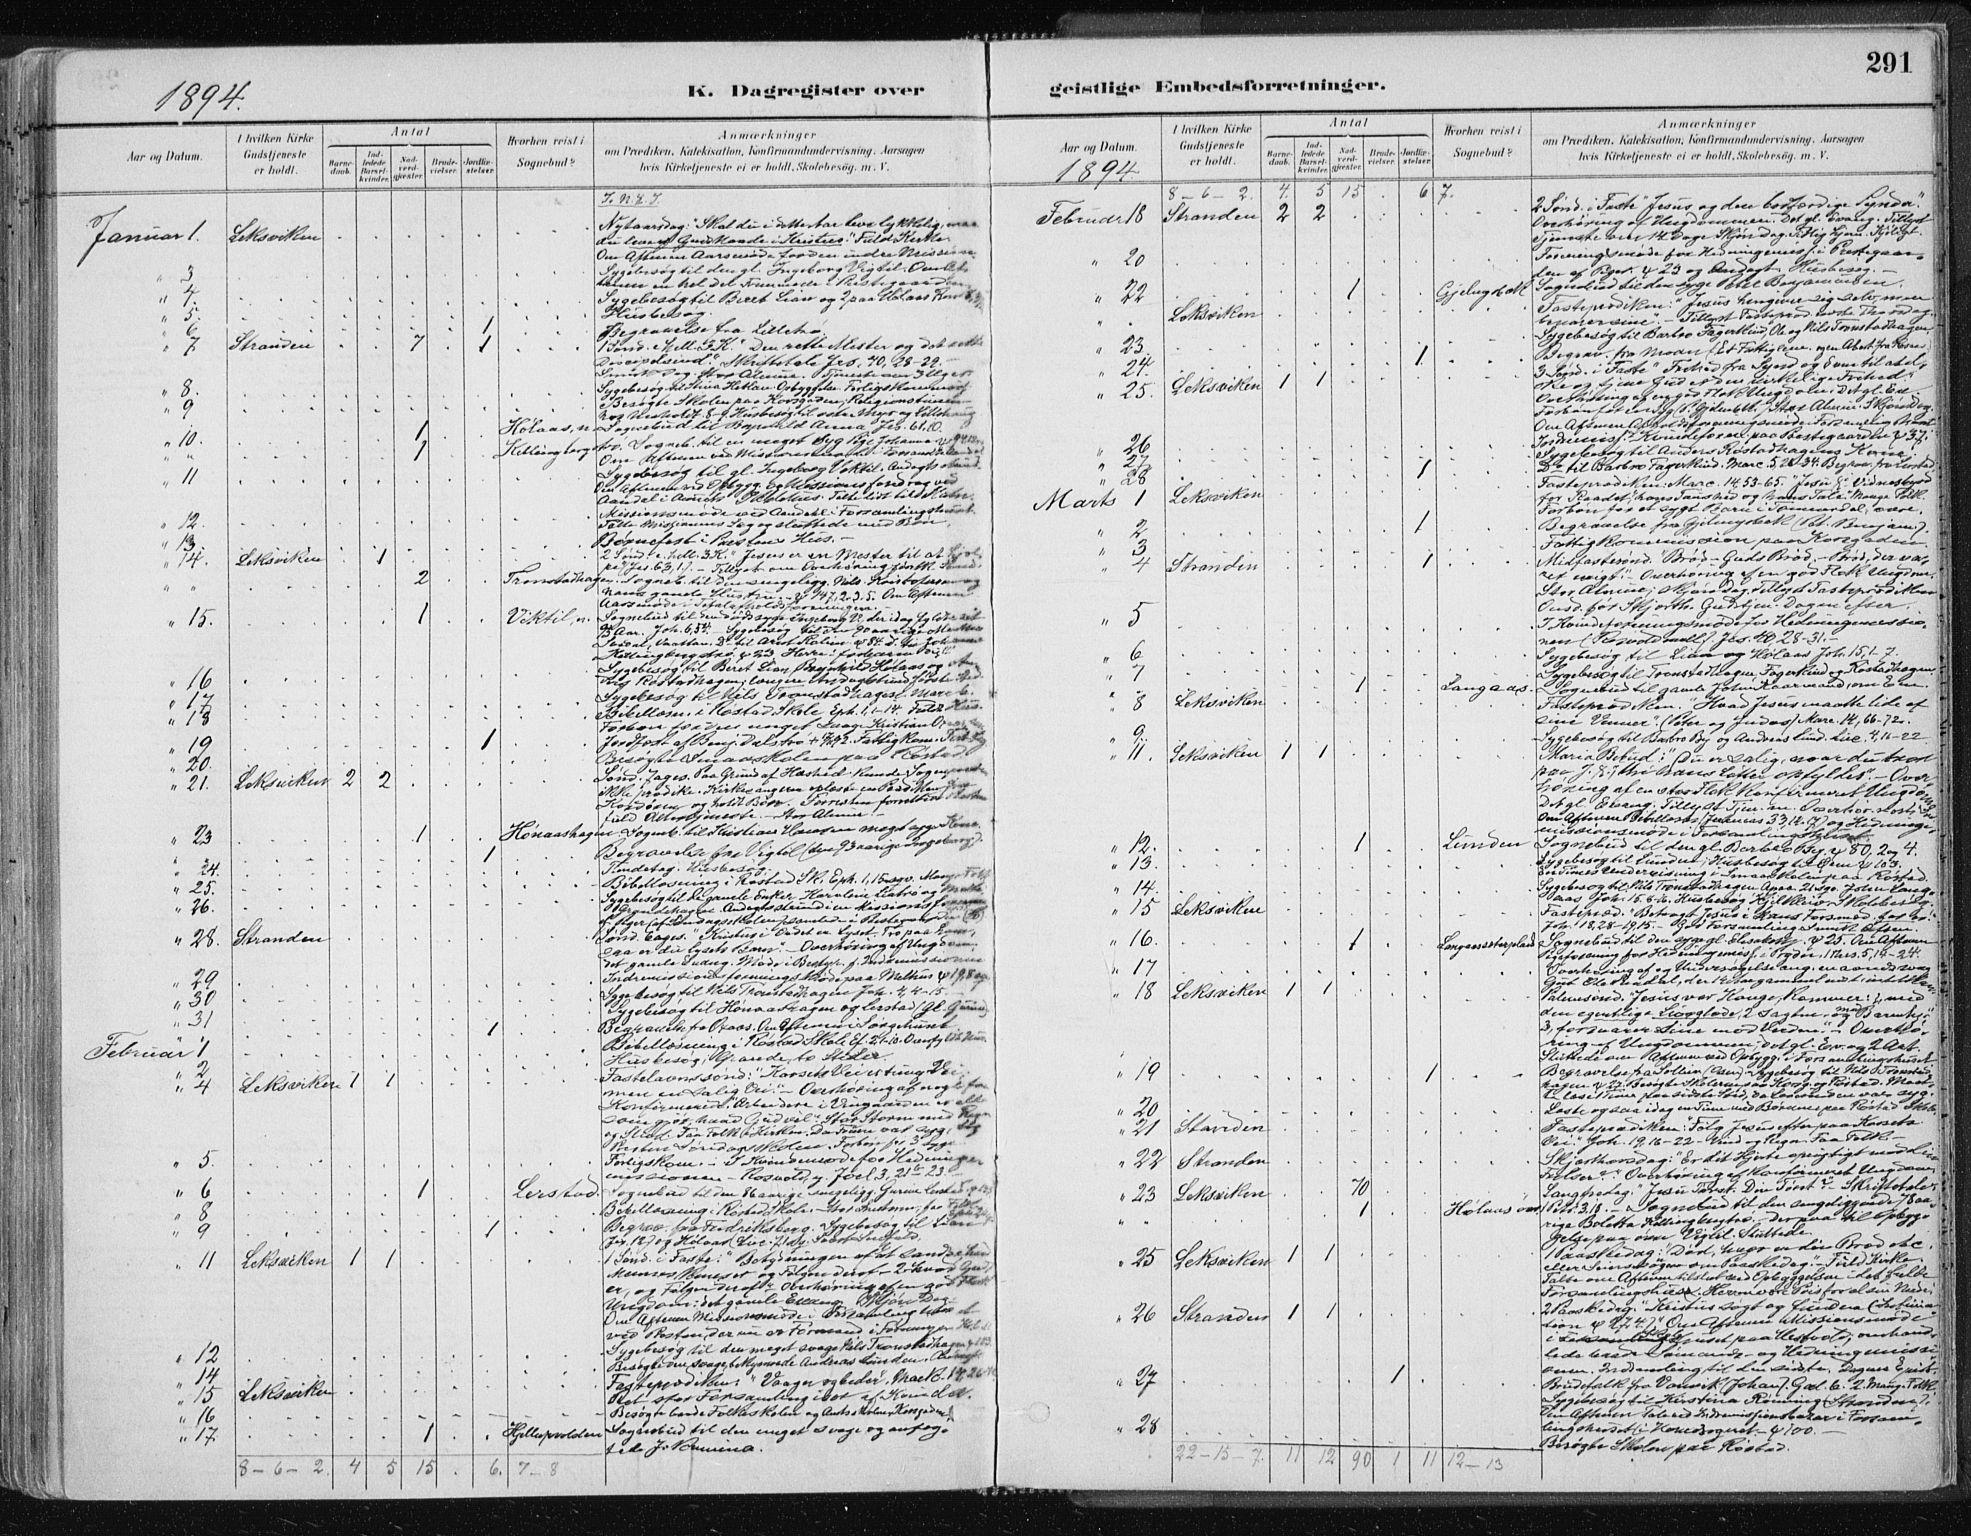 SAT, Ministerialprotokoller, klokkerbøker og fødselsregistre - Nord-Trøndelag, 701/L0010: Parish register (official) no. 701A10, 1883-1899, p. 291